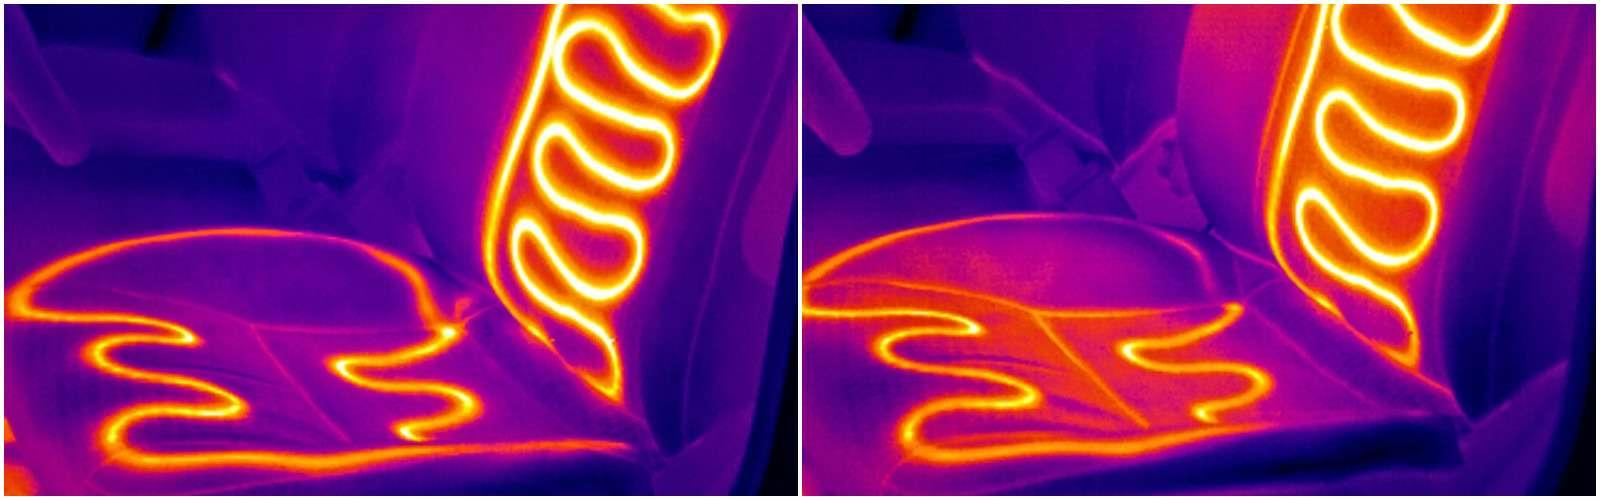 В инфракрасном свете электрообогрев сидений